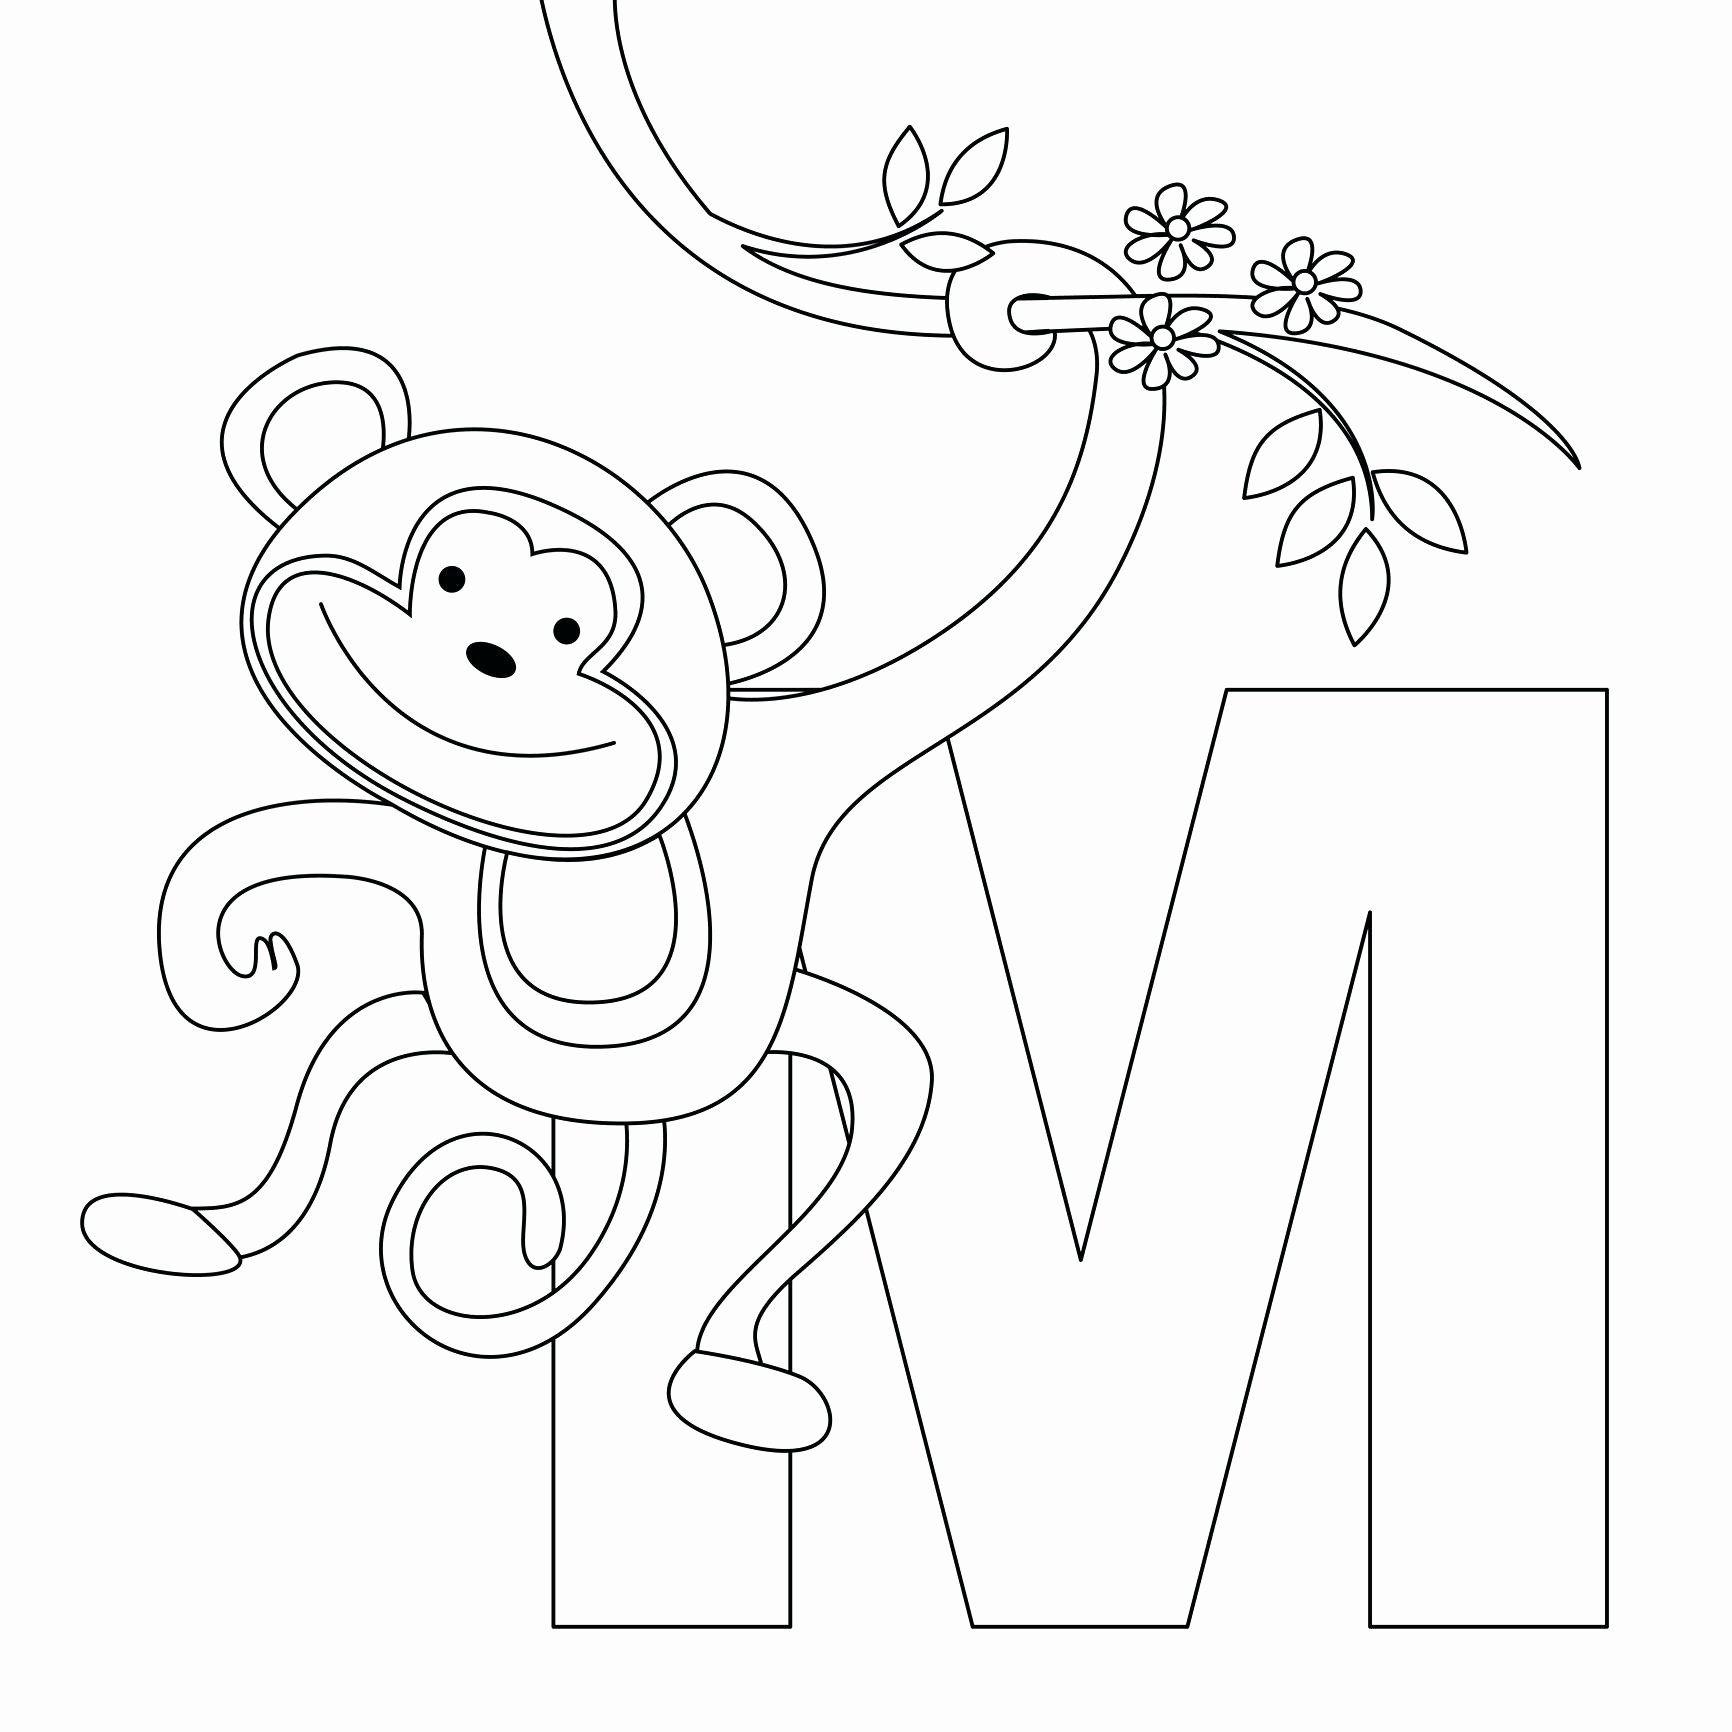 Coloring Letters In Word Lovely Letter T Coloring Sheet Eastbaypaper Halaman Mewarnai Buku Mewarnai Lembar Mewarnai